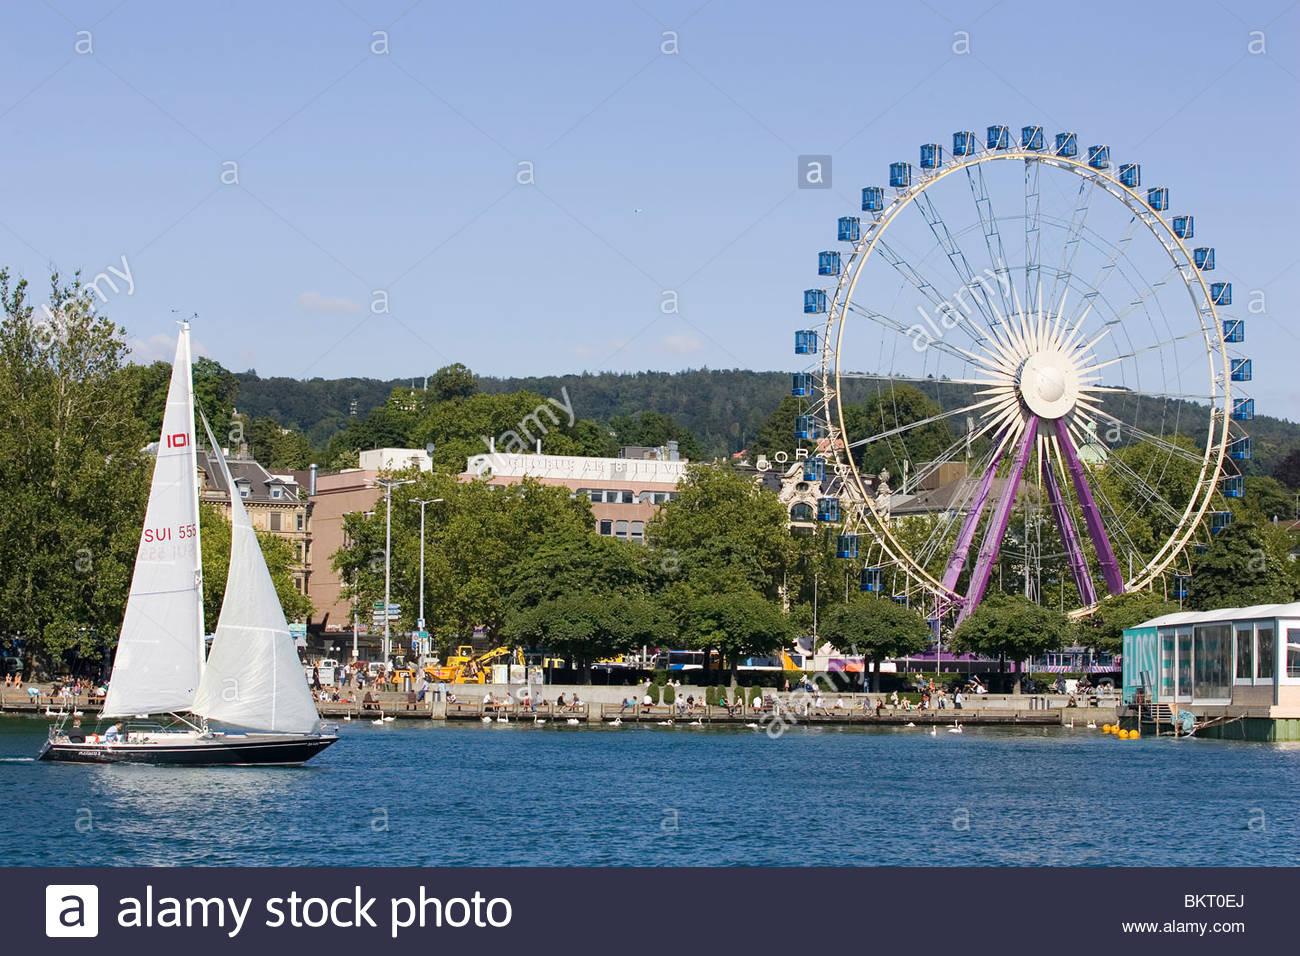 Ferris wheel and sailing,Lake Zurich,Zurich,Switzerland - Stock Image